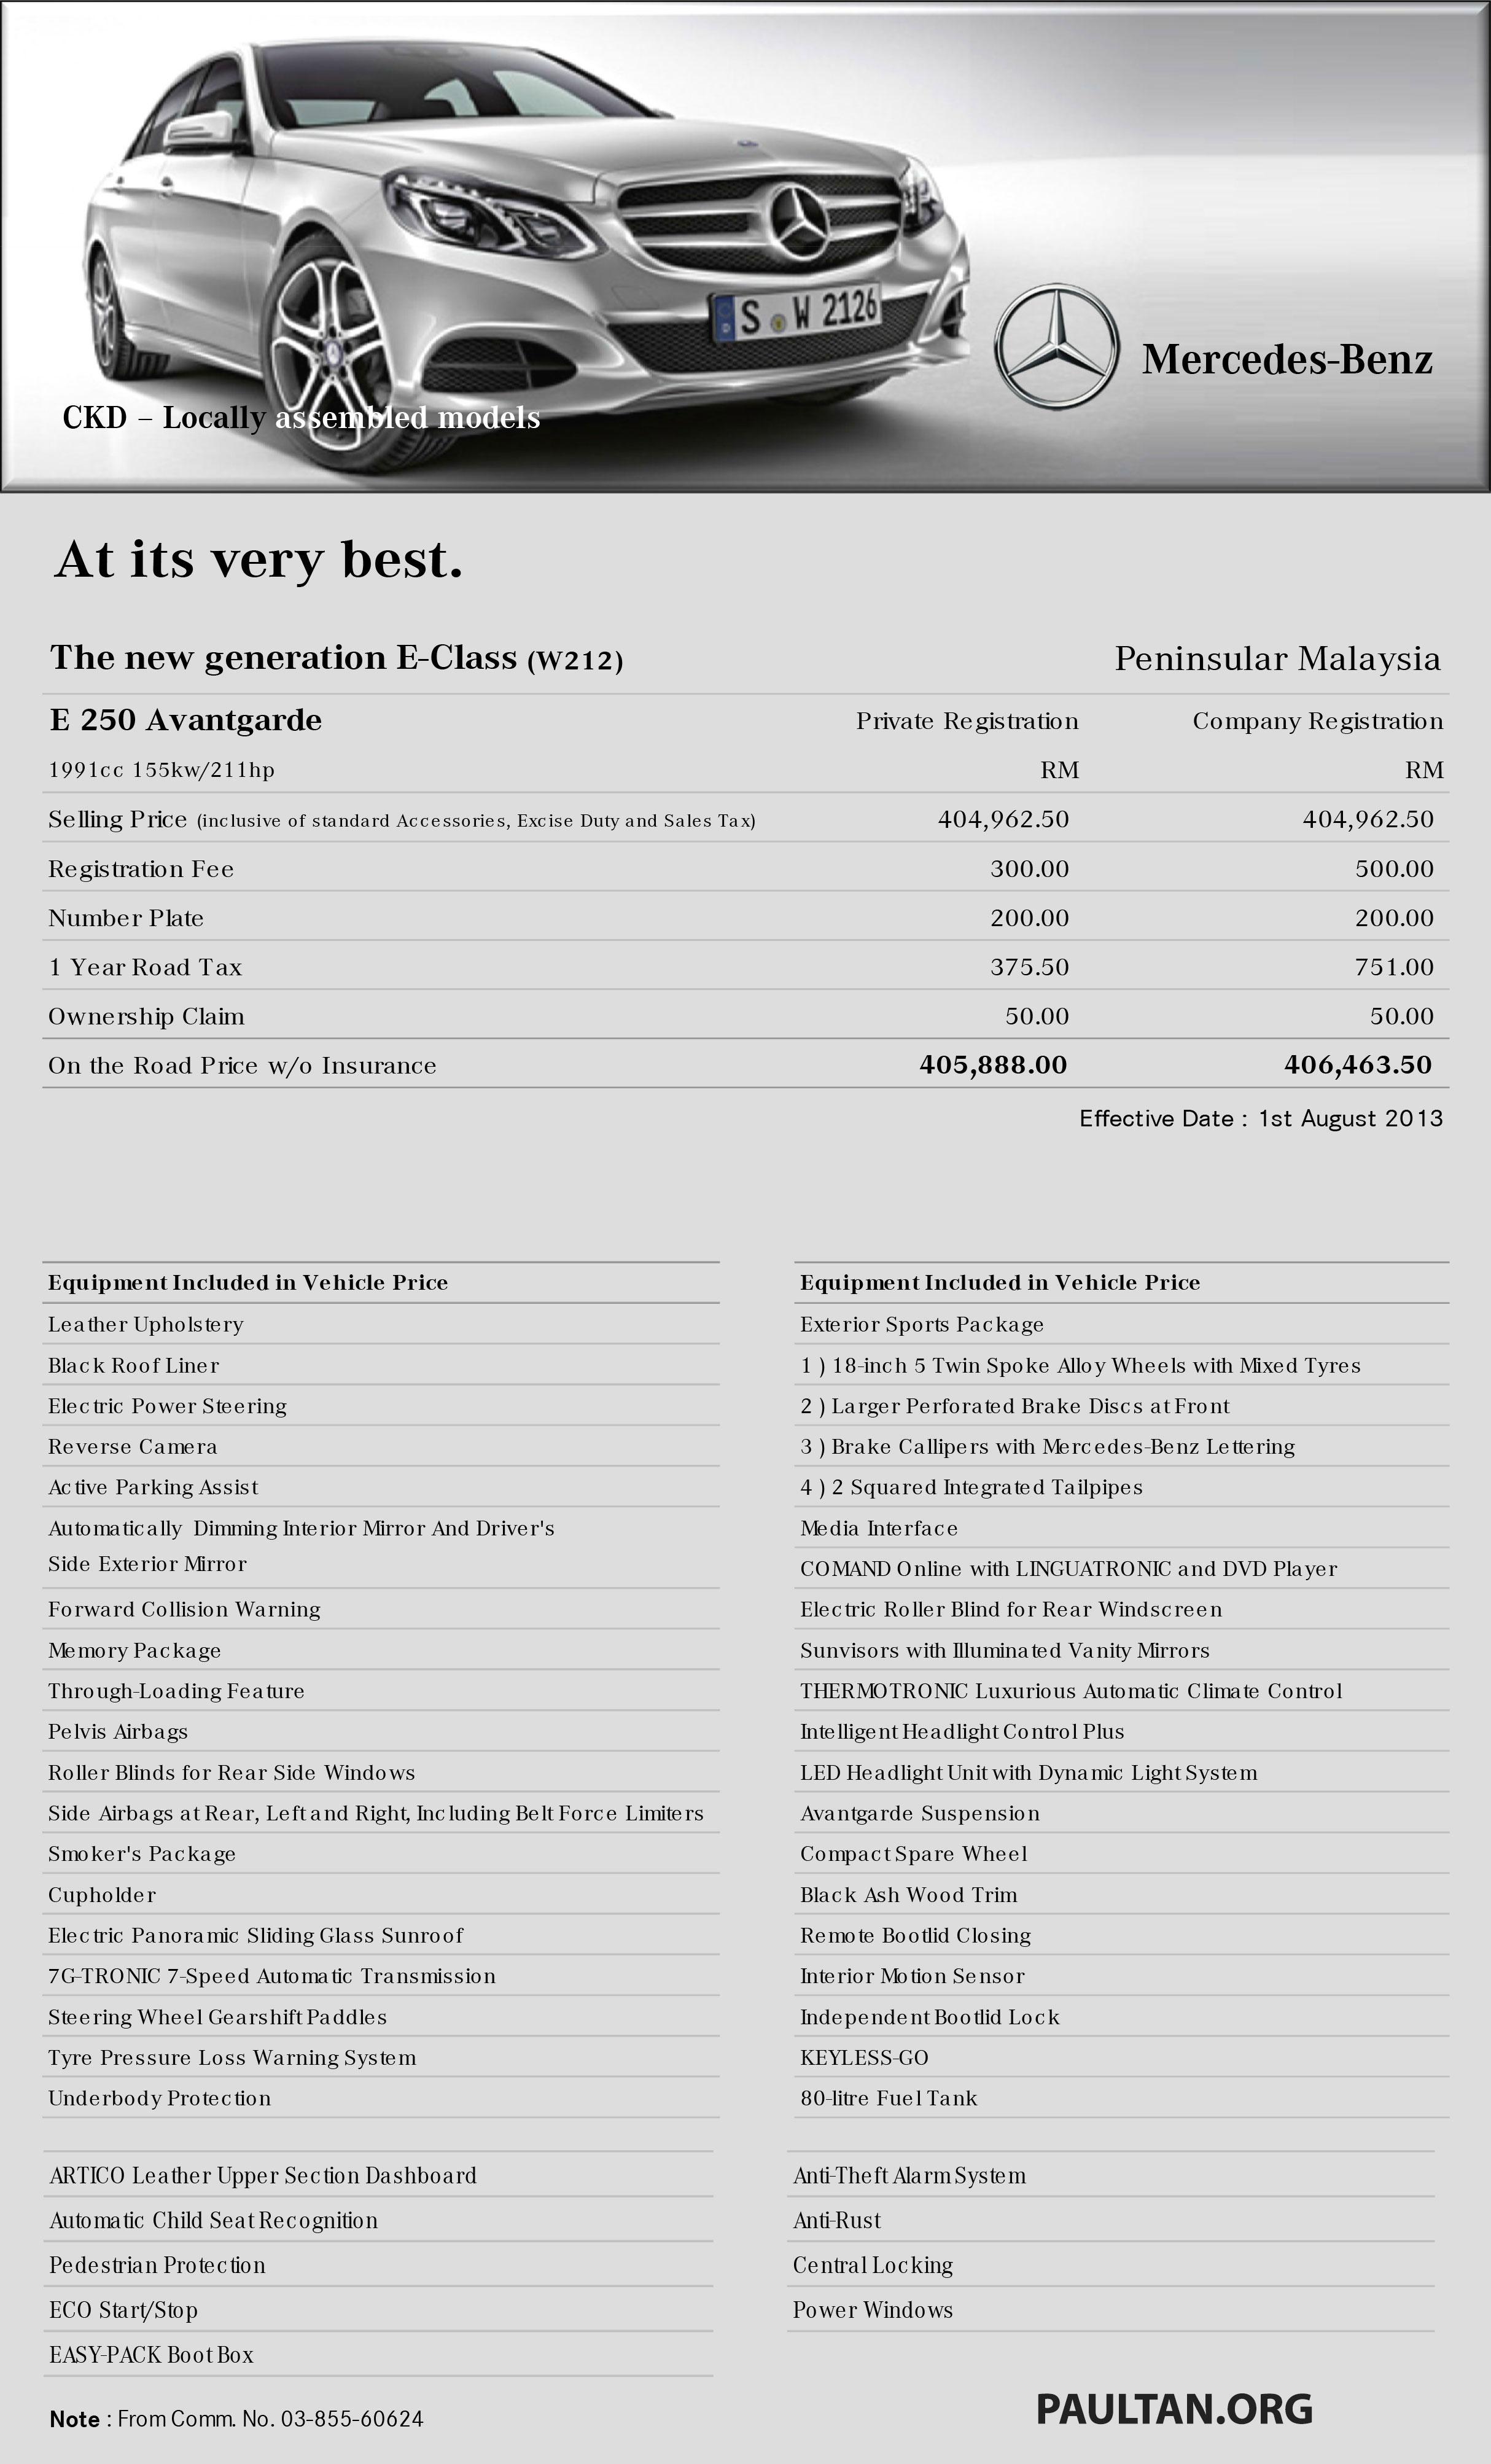 E250 av pricelist for Mercedes benz s class price list